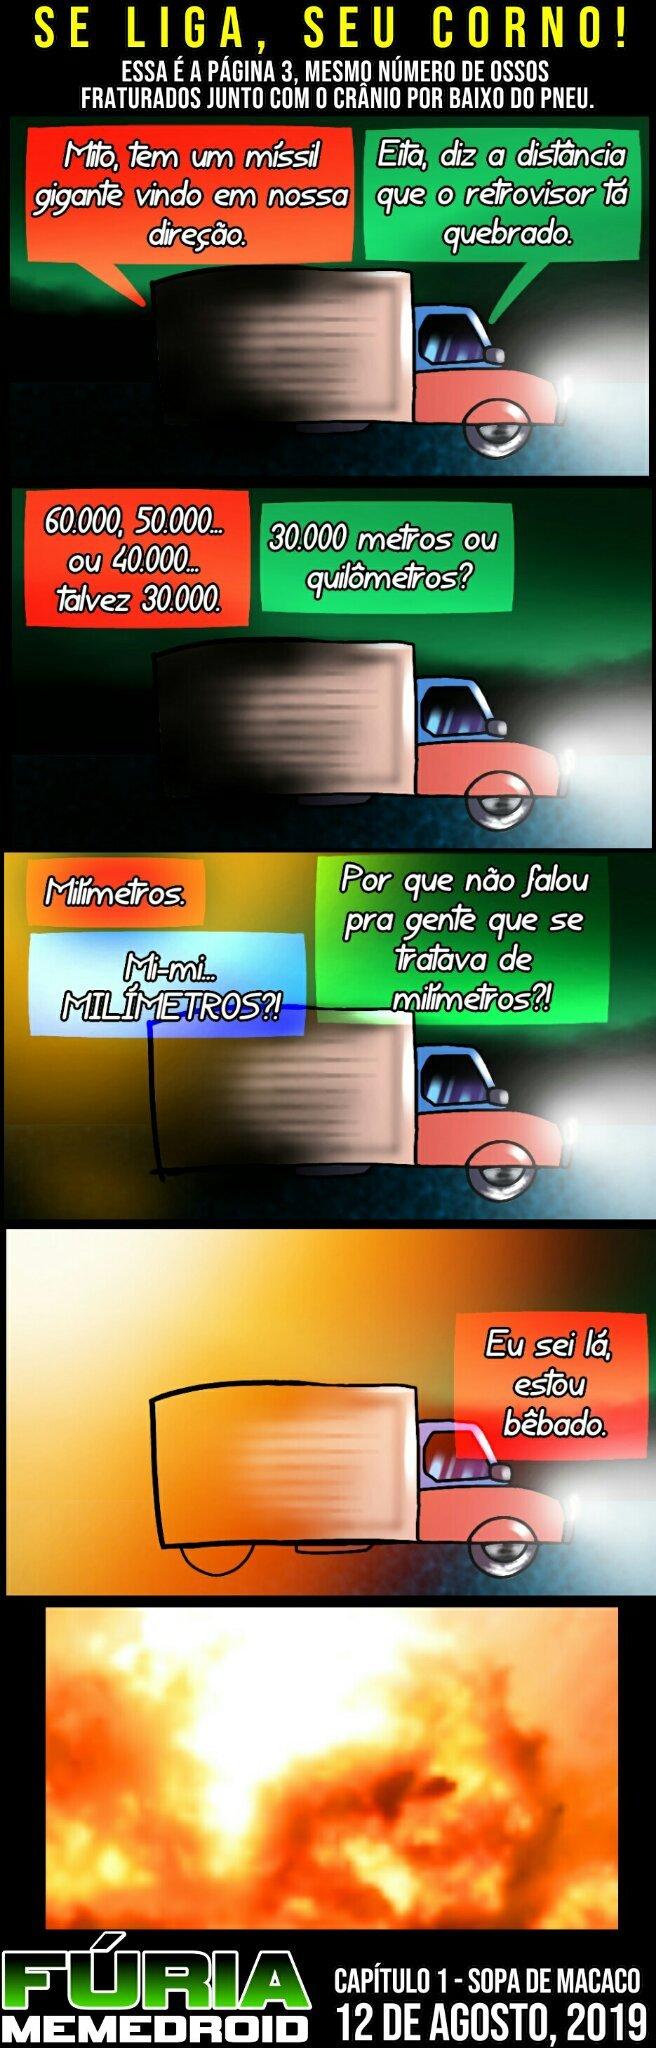 FMMD #1 - Prólogo [3] - meme